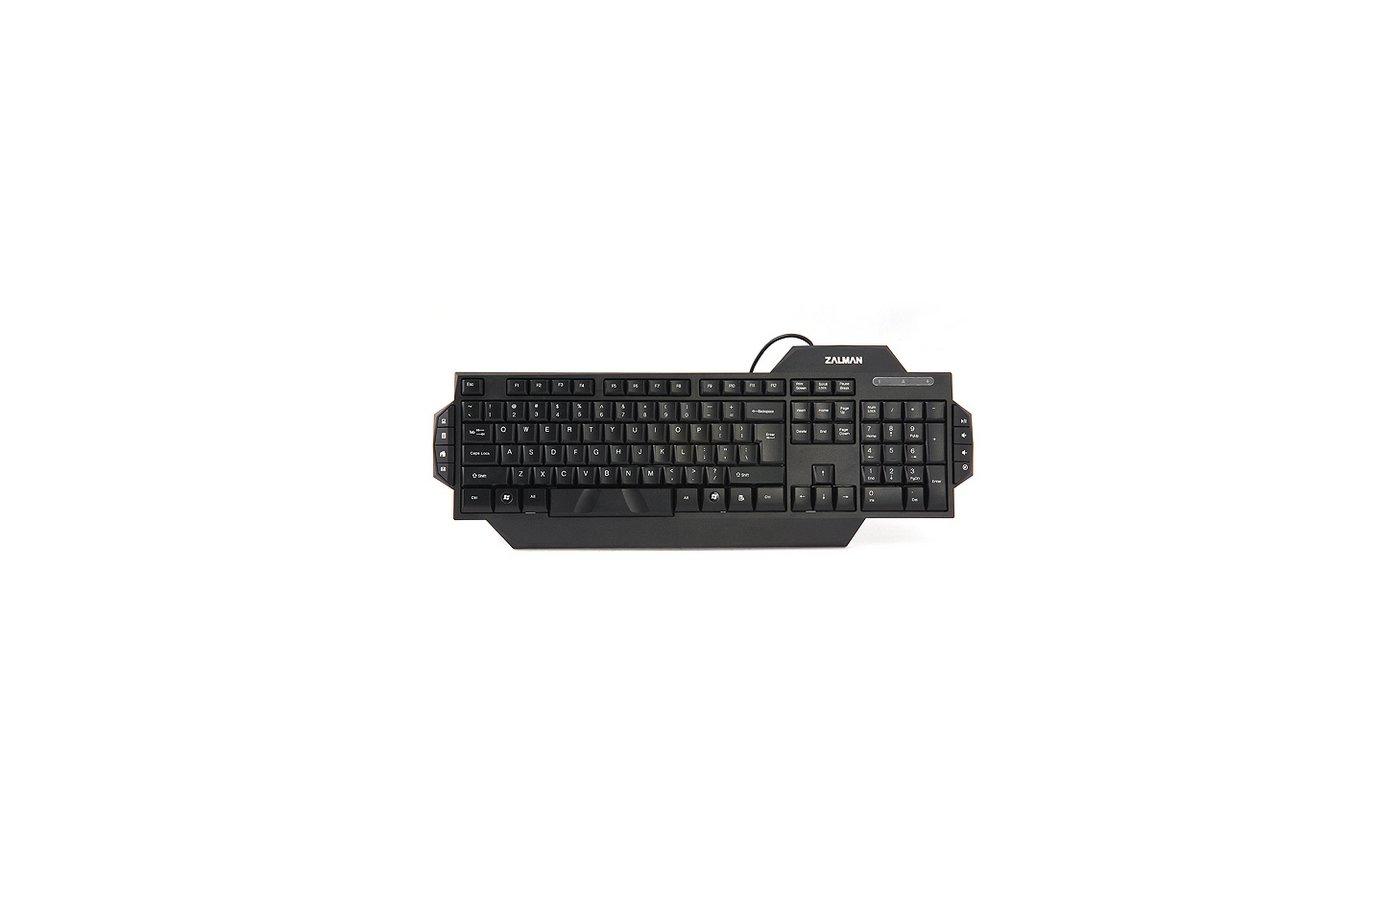 Клавиатура проводная Zalman ZM-K350M